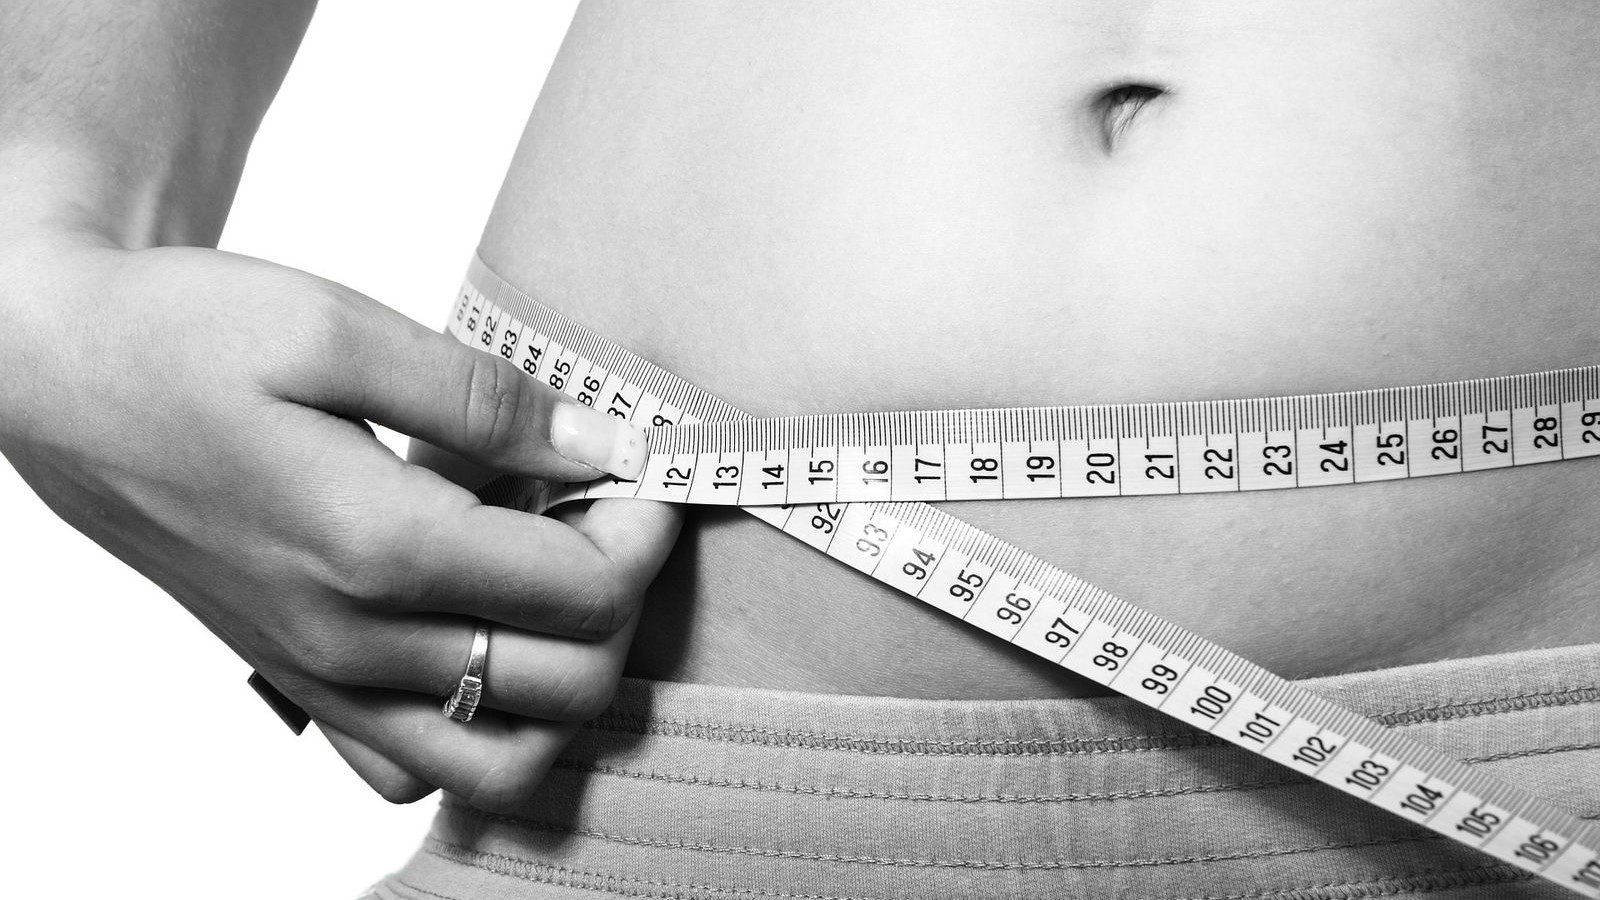 cineva poate pierde centimetri, dar nu greutate